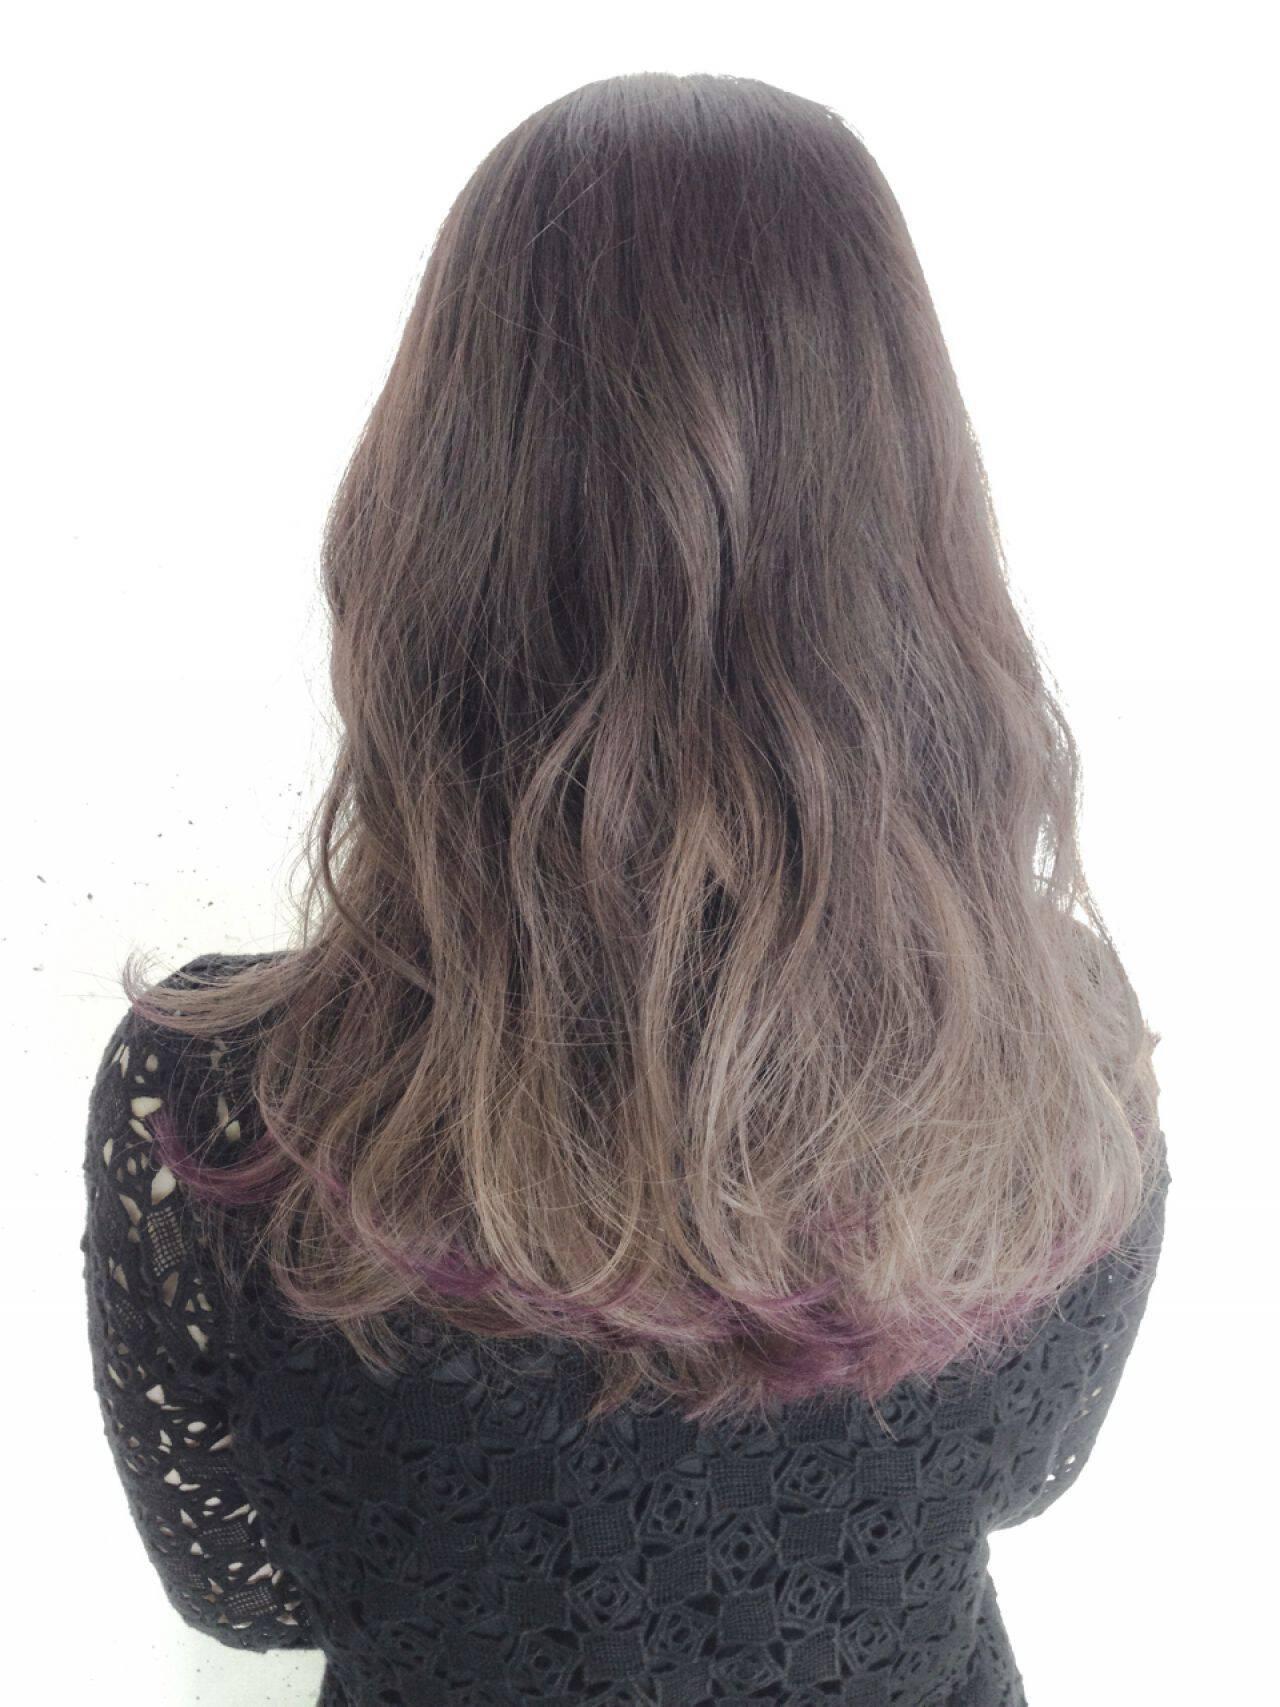 黒髪 グレーアッシュ ストリート グラデーションカラーヘアスタイルや髪型の写真・画像